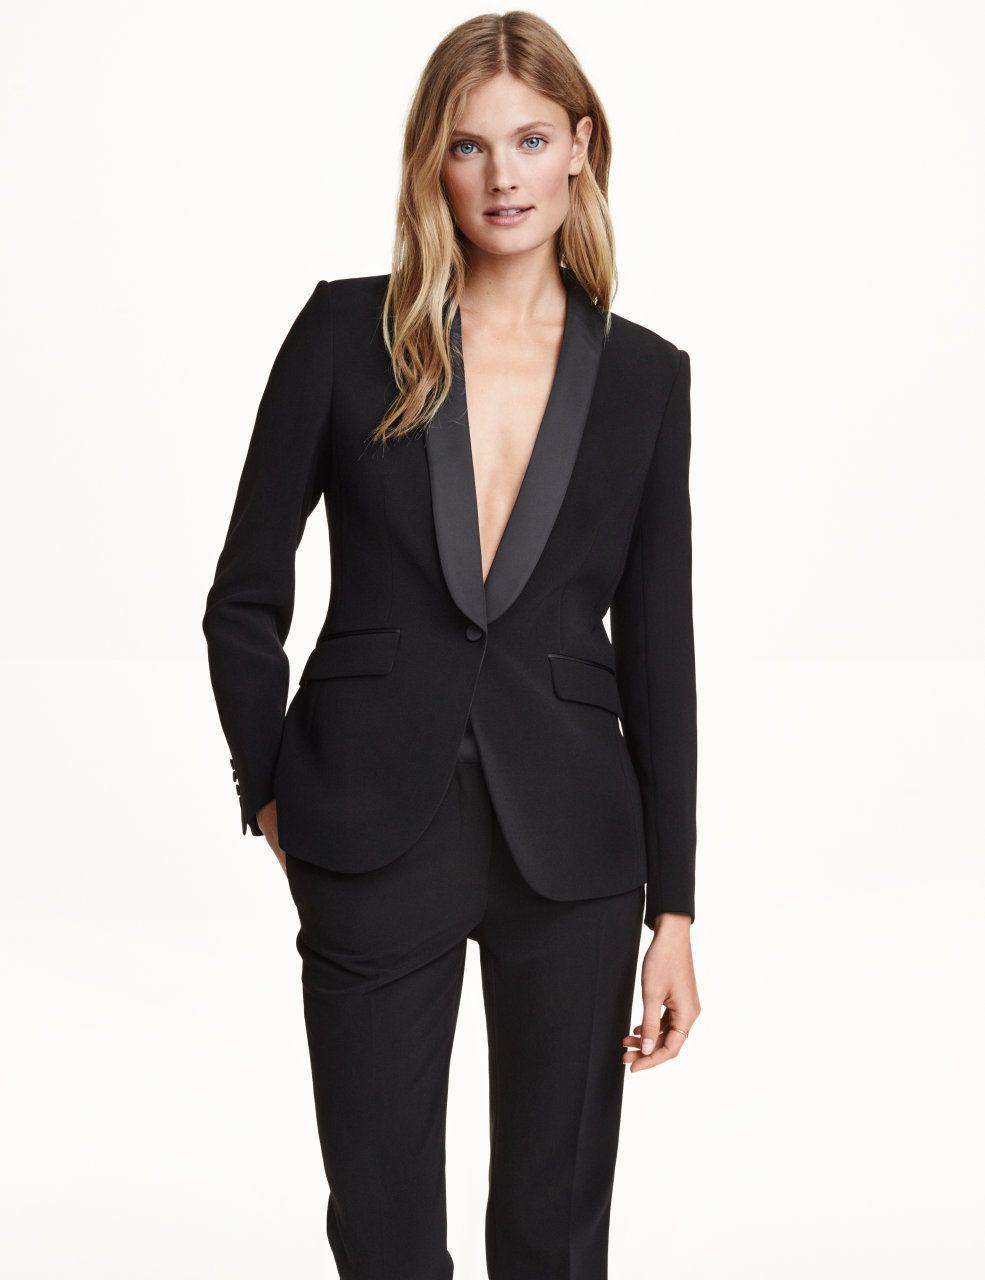 Access Denied Tuxedo Women Pant Suits For Women Black Pant Suit [ 1280 x 985 Pixel ]